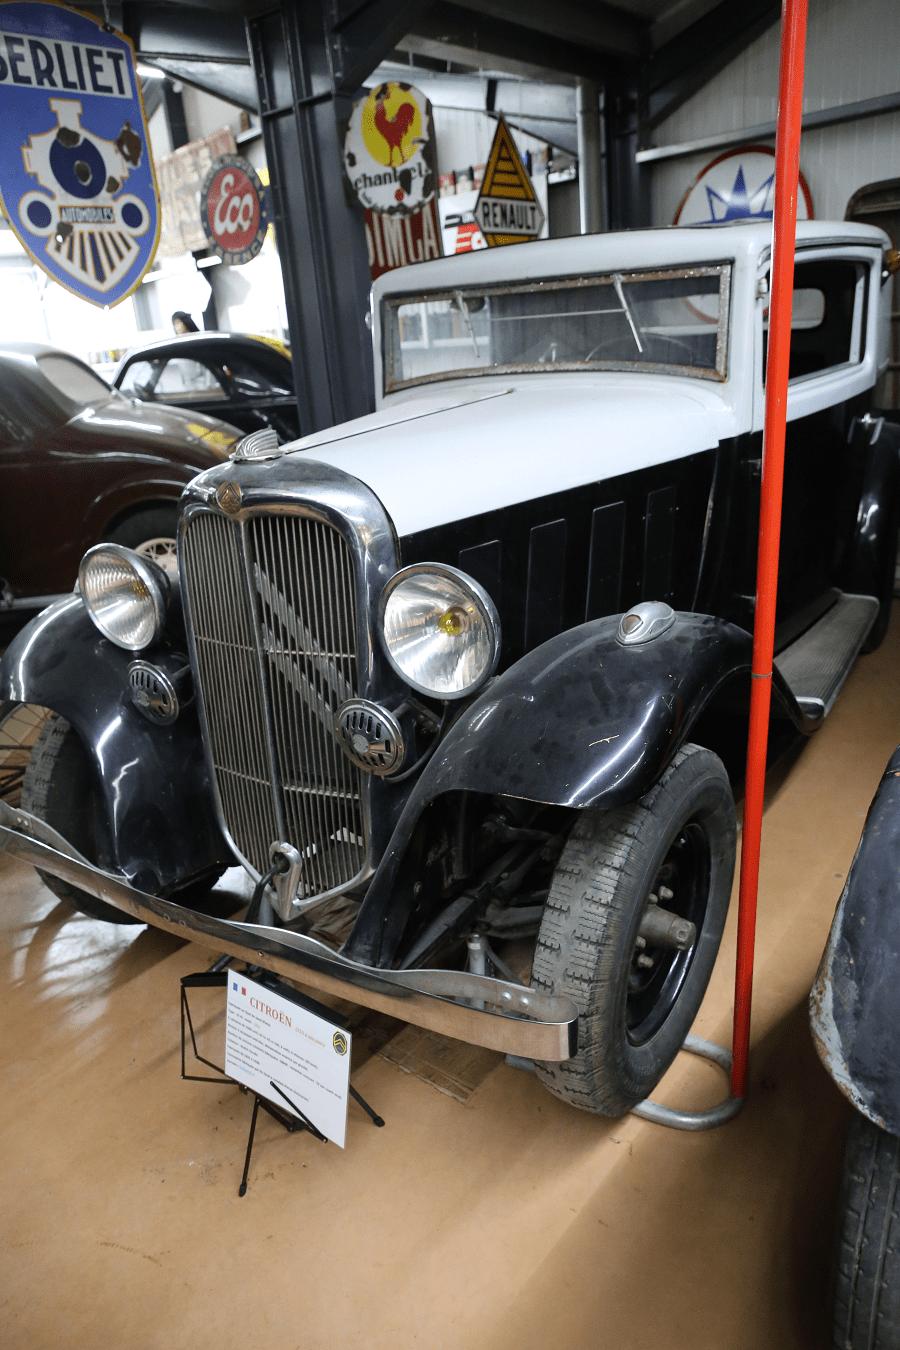 Citroën 10 AL Coach образца 1933 года с четырьмя цилиндрами